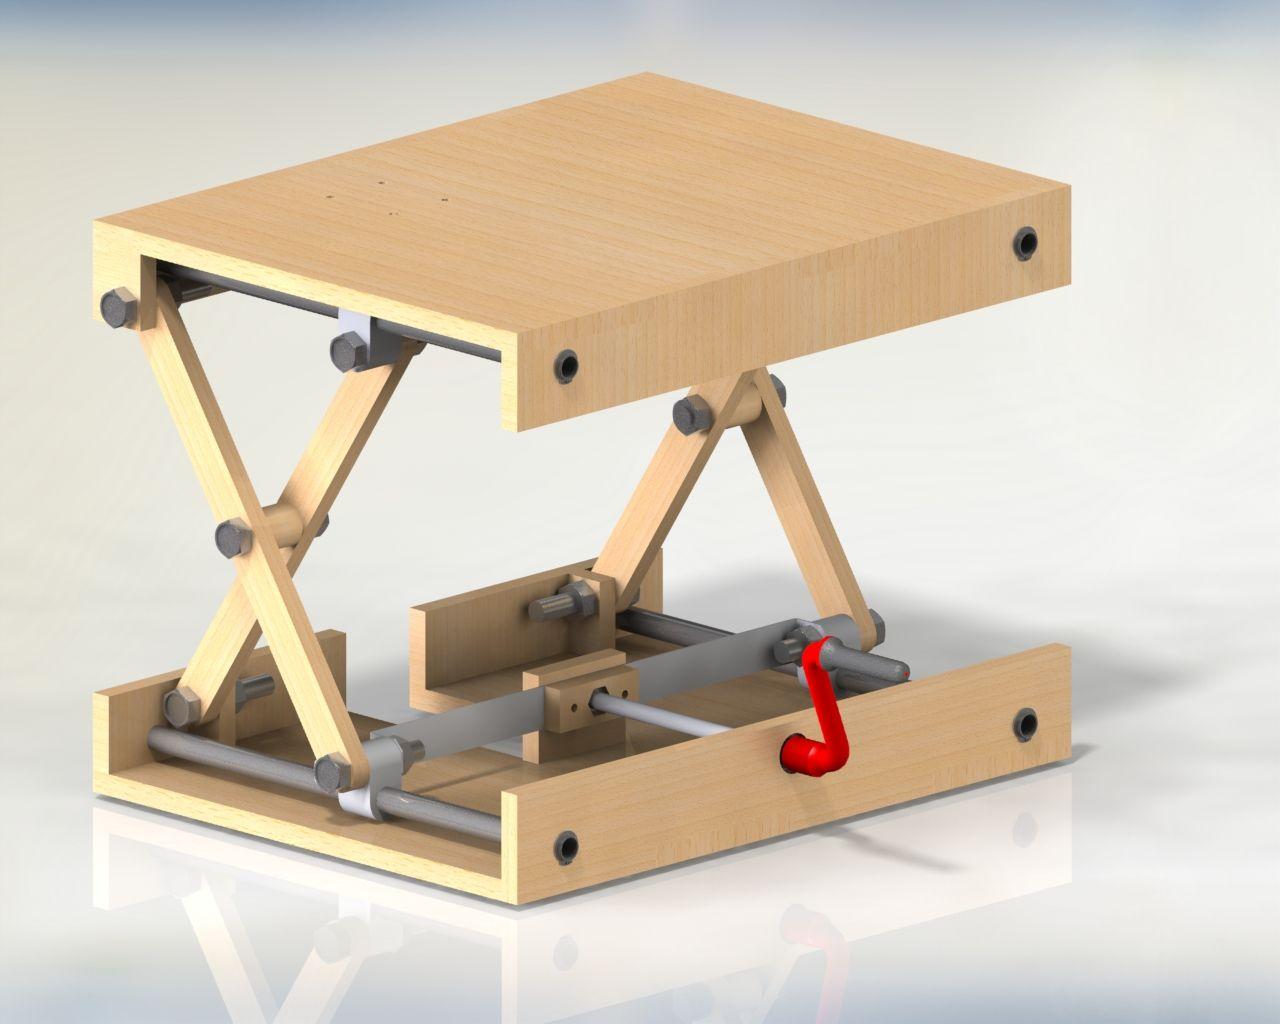 Scissor Lifting Table Solidworks 3d Cad Model